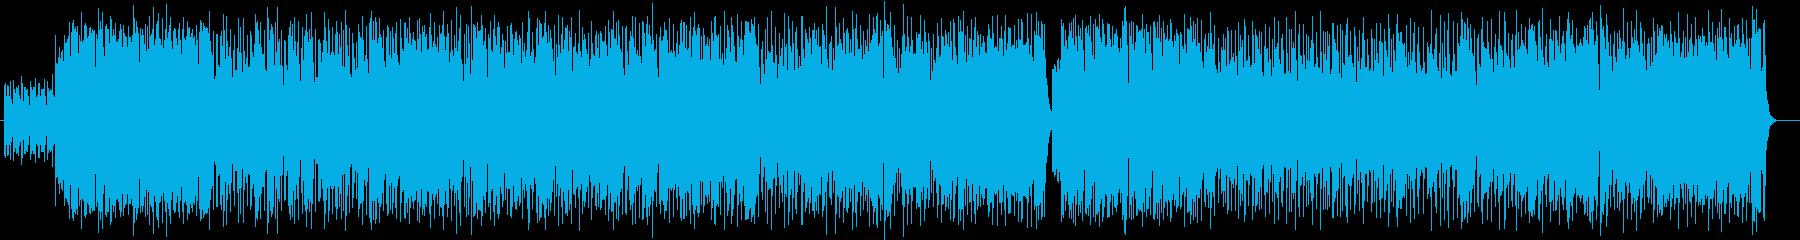 明るく爽やかなピアノ管楽器サウンドの再生済みの波形